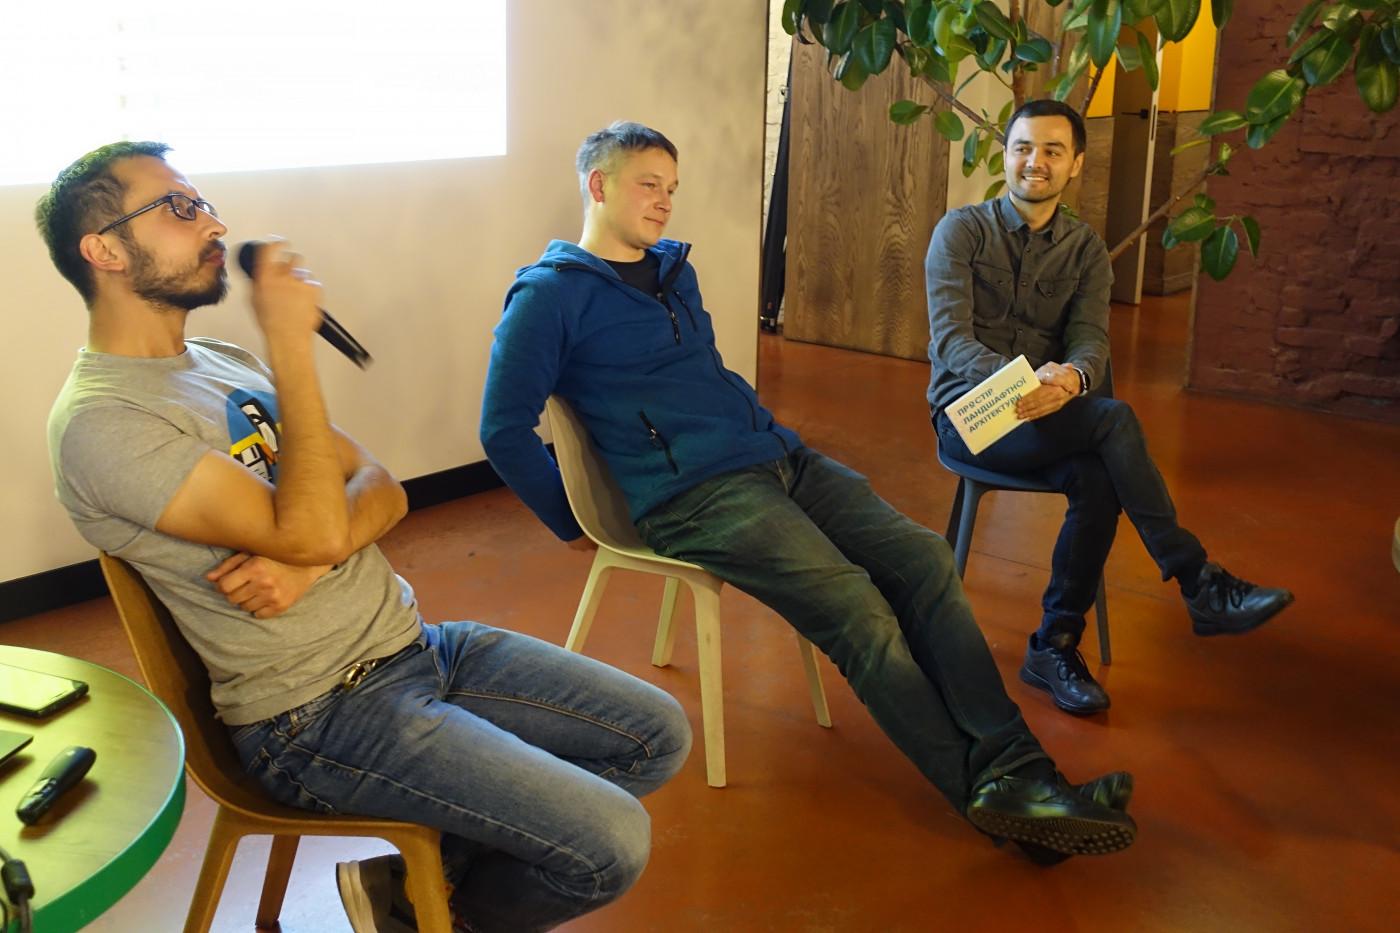 Олексій Бокоч, Станіслав Дьомін та Максим Коцюба на дискусії Простору ландшафтної архітектури